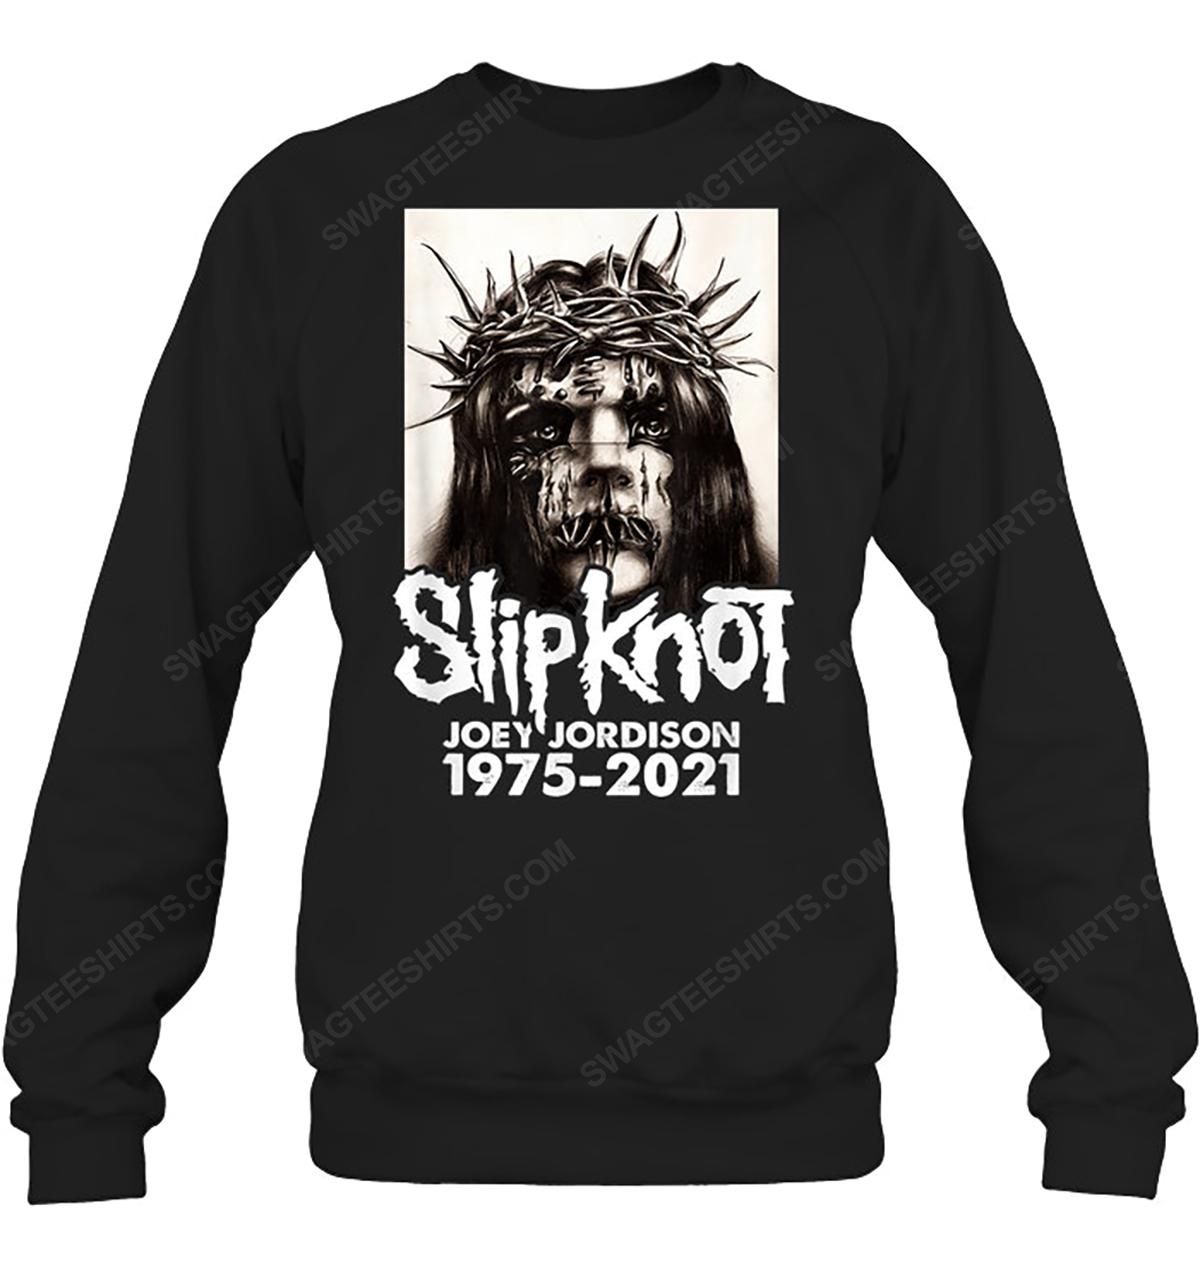 Rock band slipknot joey jordison 1975 2021 sweatshirt 1